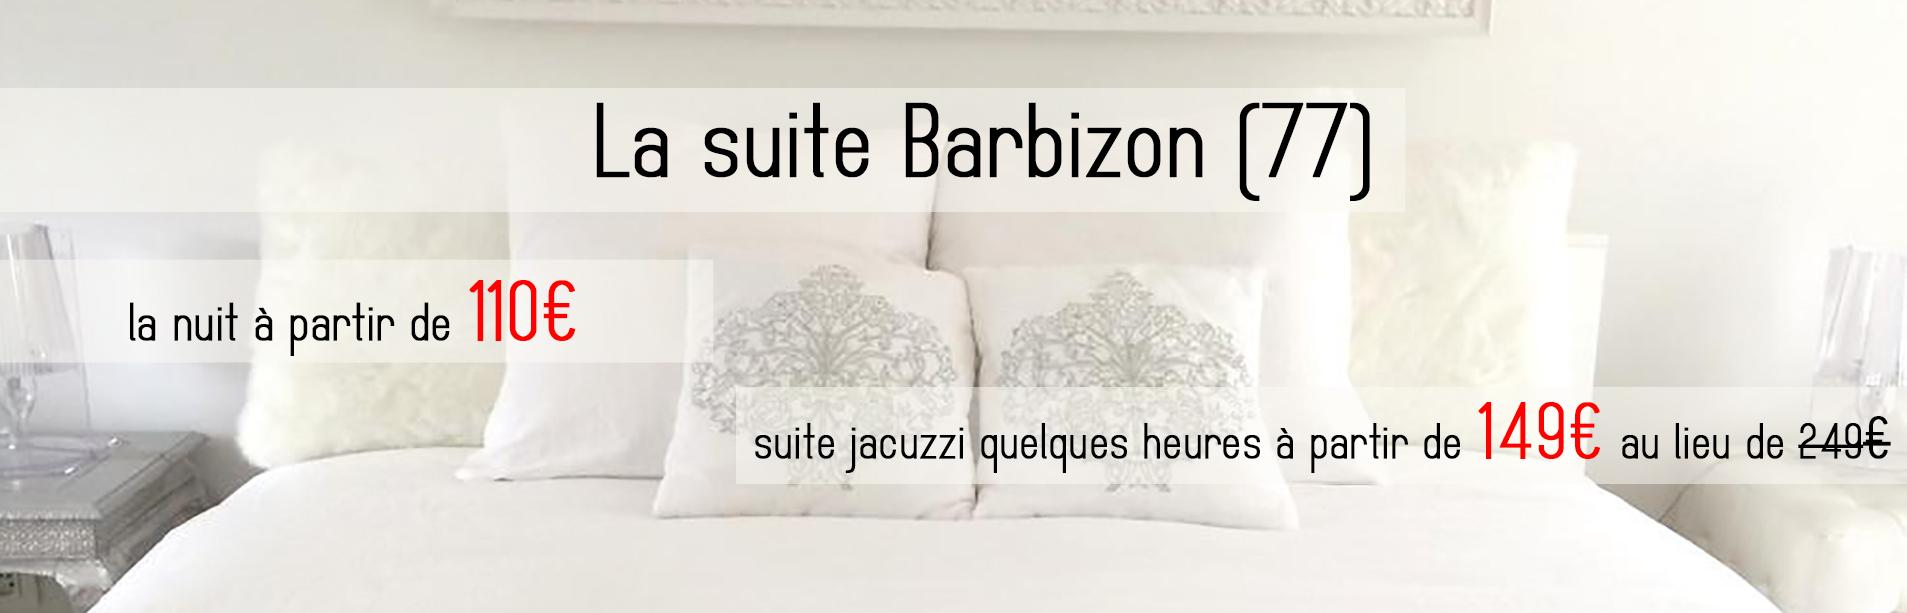 Hôtel Et Chambre Avec Jacuzzi   WordPress.com